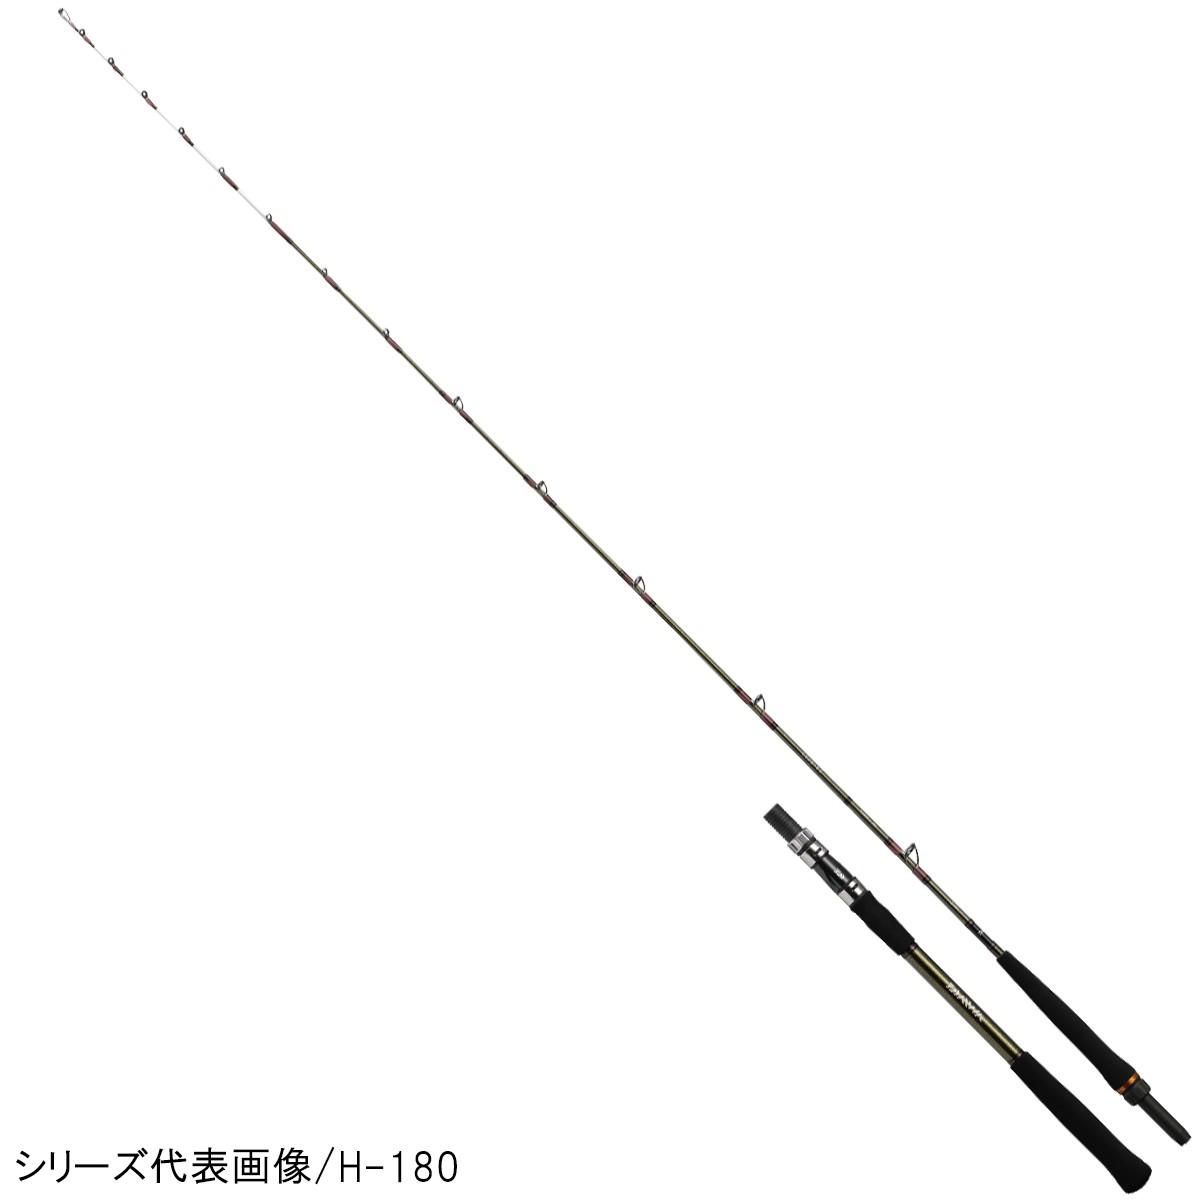 ダイワ リーディング サソイ HH-180